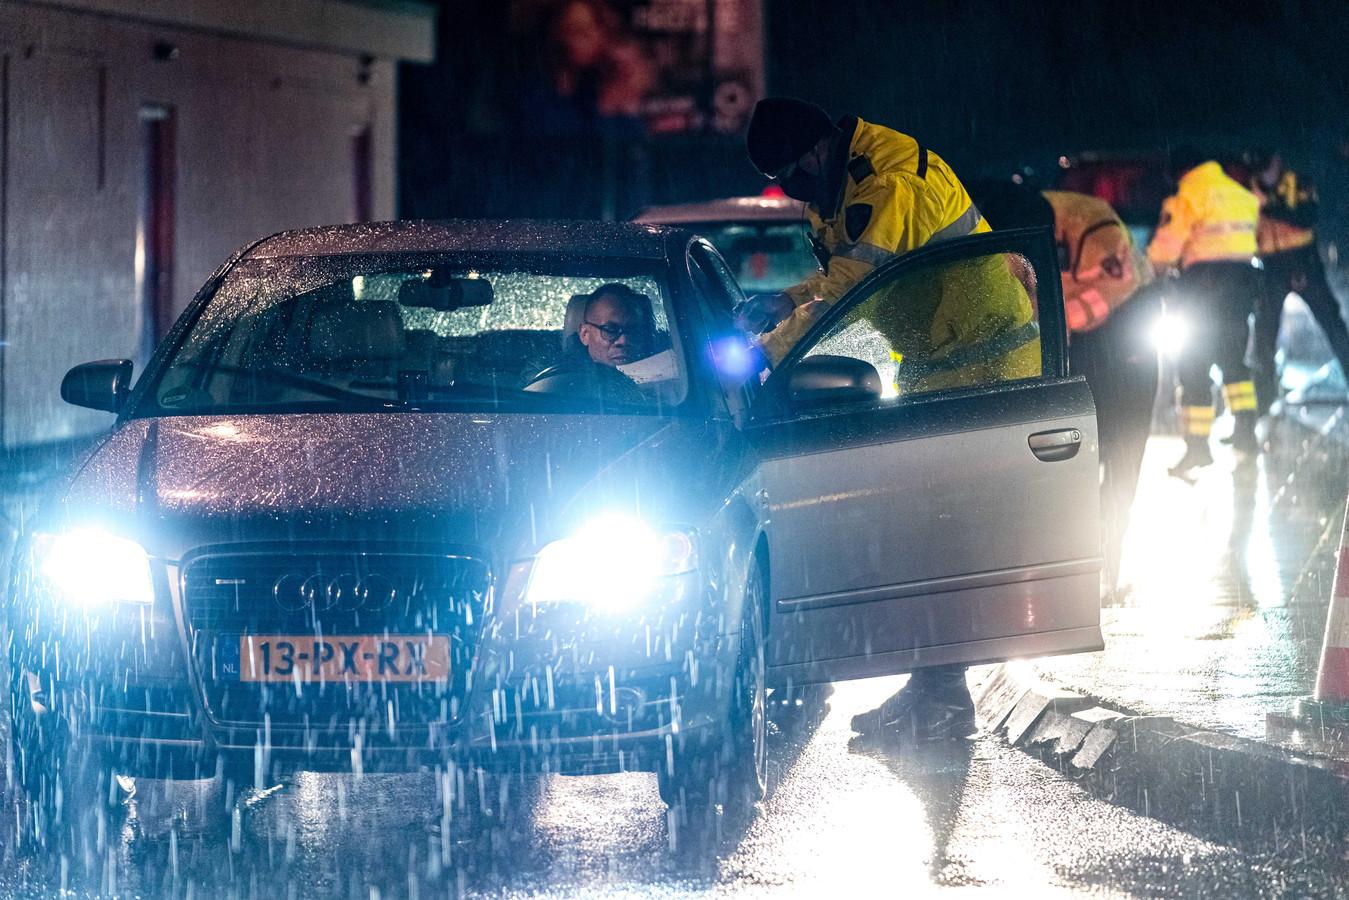 Automobilisten werden op de A2 ter hoogte van Zaltbommel gecontroleerd door de politie.